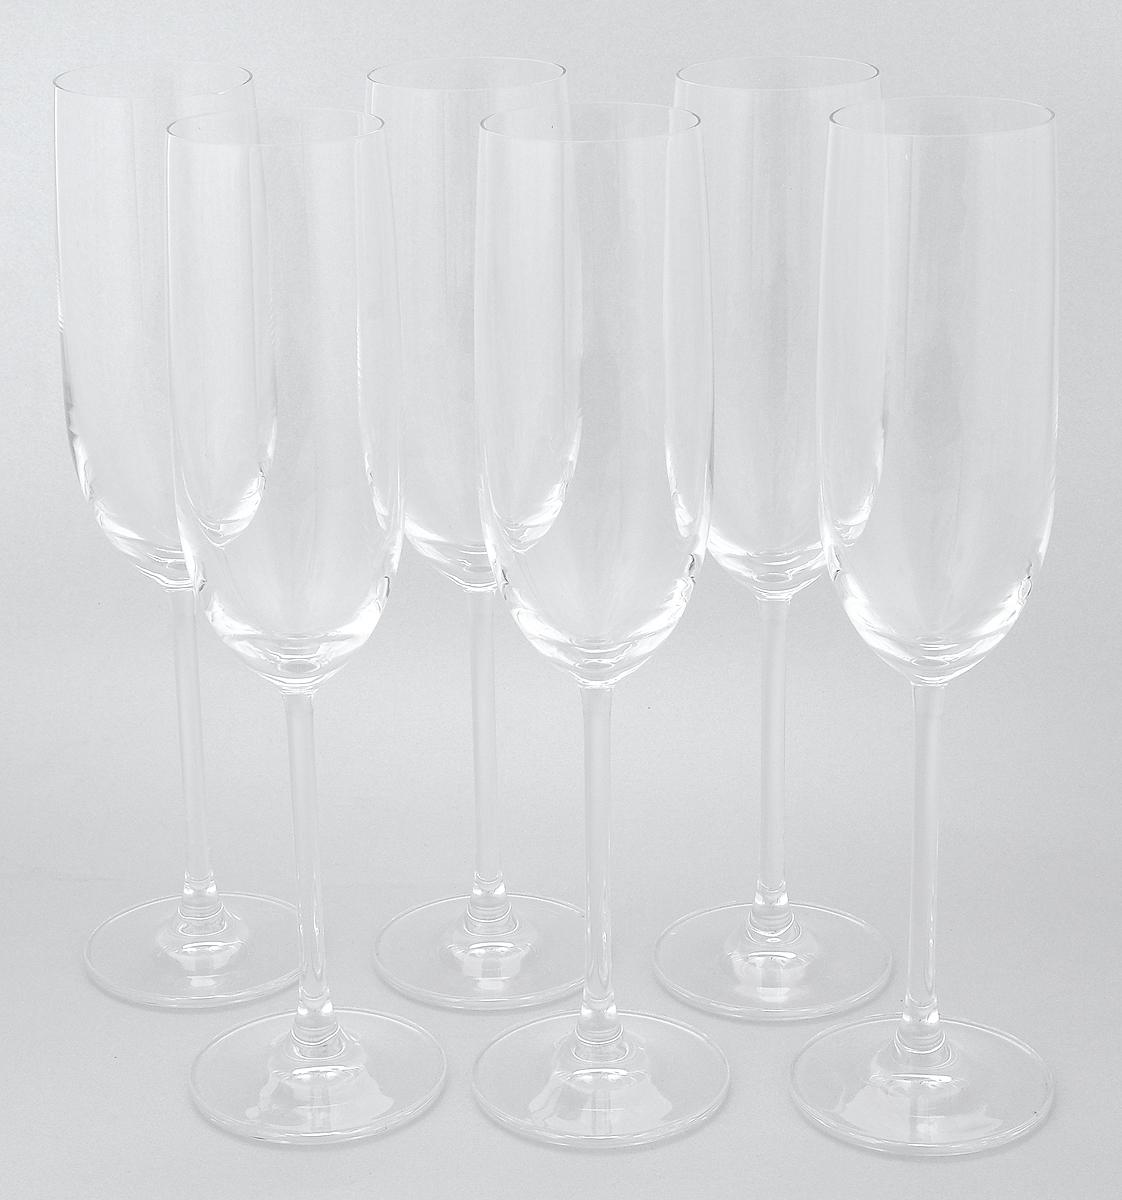 Набор бокалов Pasabahce Vintage, 220 мл, 6 шт66112NНабор Pasabahce Vintage состоит из шести бокалов, выполненных из прочного натрий-кальций-силикатного стекла. Изделия оснащены высокими ножками. Бокалы предназначены для подачи шампанского. Они сочетают в себе элегантный дизайн и функциональность. Благодаря такому набору пить напитки будет еще вкуснее.Набор фужеров Pasabahce Vintage прекрасно оформит праздничный стол и создаст приятную атмосферу за романтическим ужином. Такой набор также станет хорошим подарком к любому случаю. Можно мыть в посудомоечной машине и использовать в холодильнике.Диаметр фужера (по верхнему краю): 4,8 см. Высота фужера: 24,2 см.